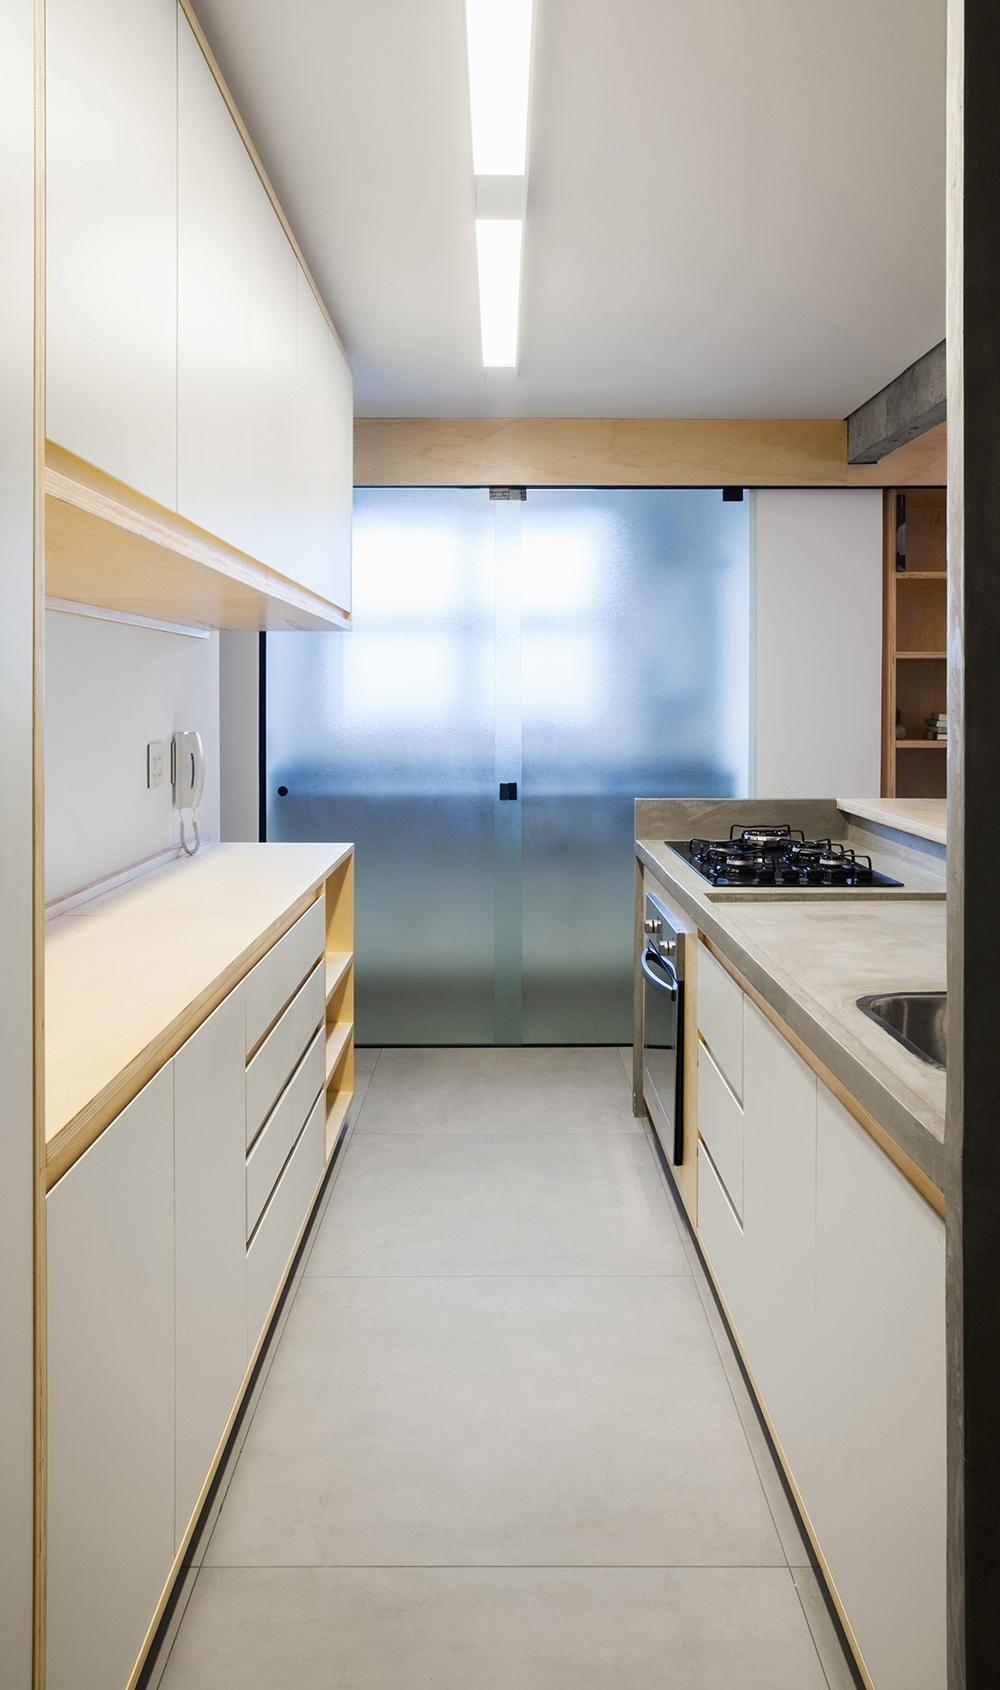 Na cozinha do apartamento reformado pelo Grupo Garoa Arquitetos, a bancada que recebe a pia e o cooktop (à dir.) foi armada e moldada em concreto. Os móveis feitos em marcenaria têm acabamentos neutros e no piso, um porcelanato que se assemelha ao cimento queimado. Ao fundo, a área de lavanderia é fechada por porta de correr em vidro